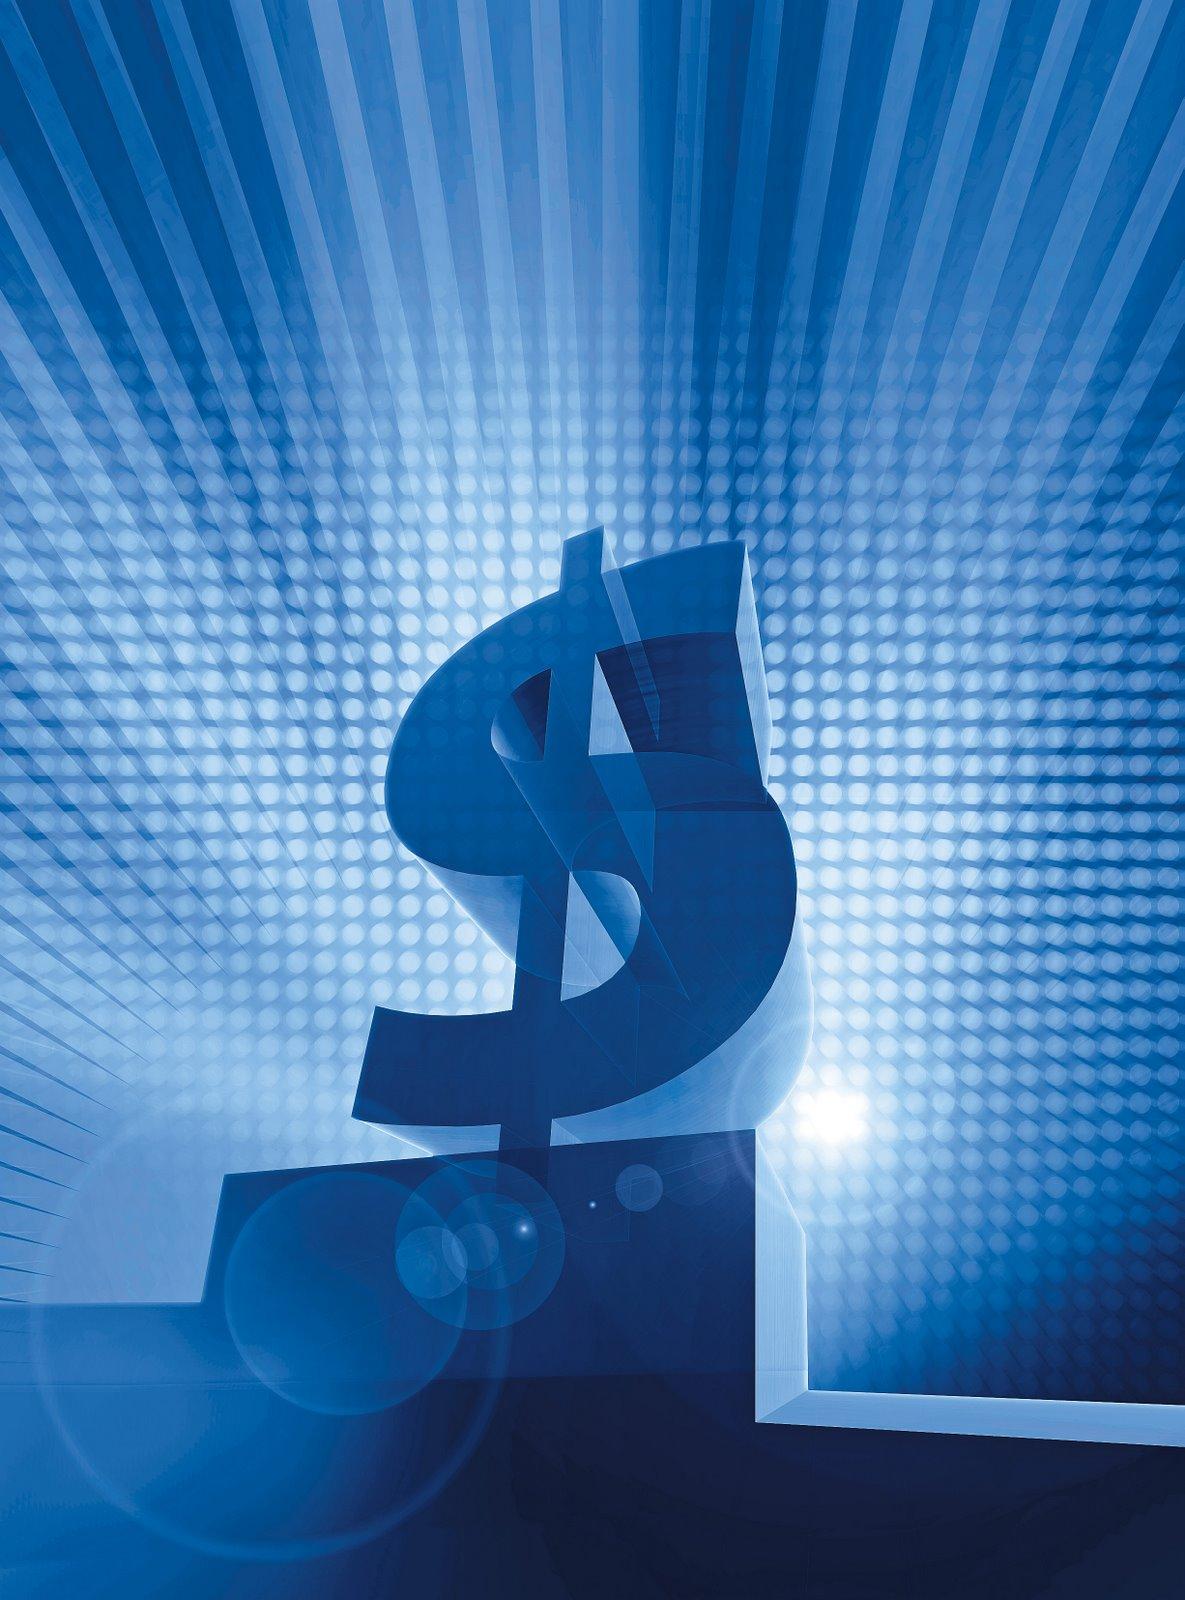 [4-20-2008+Economics+Money.jpg]